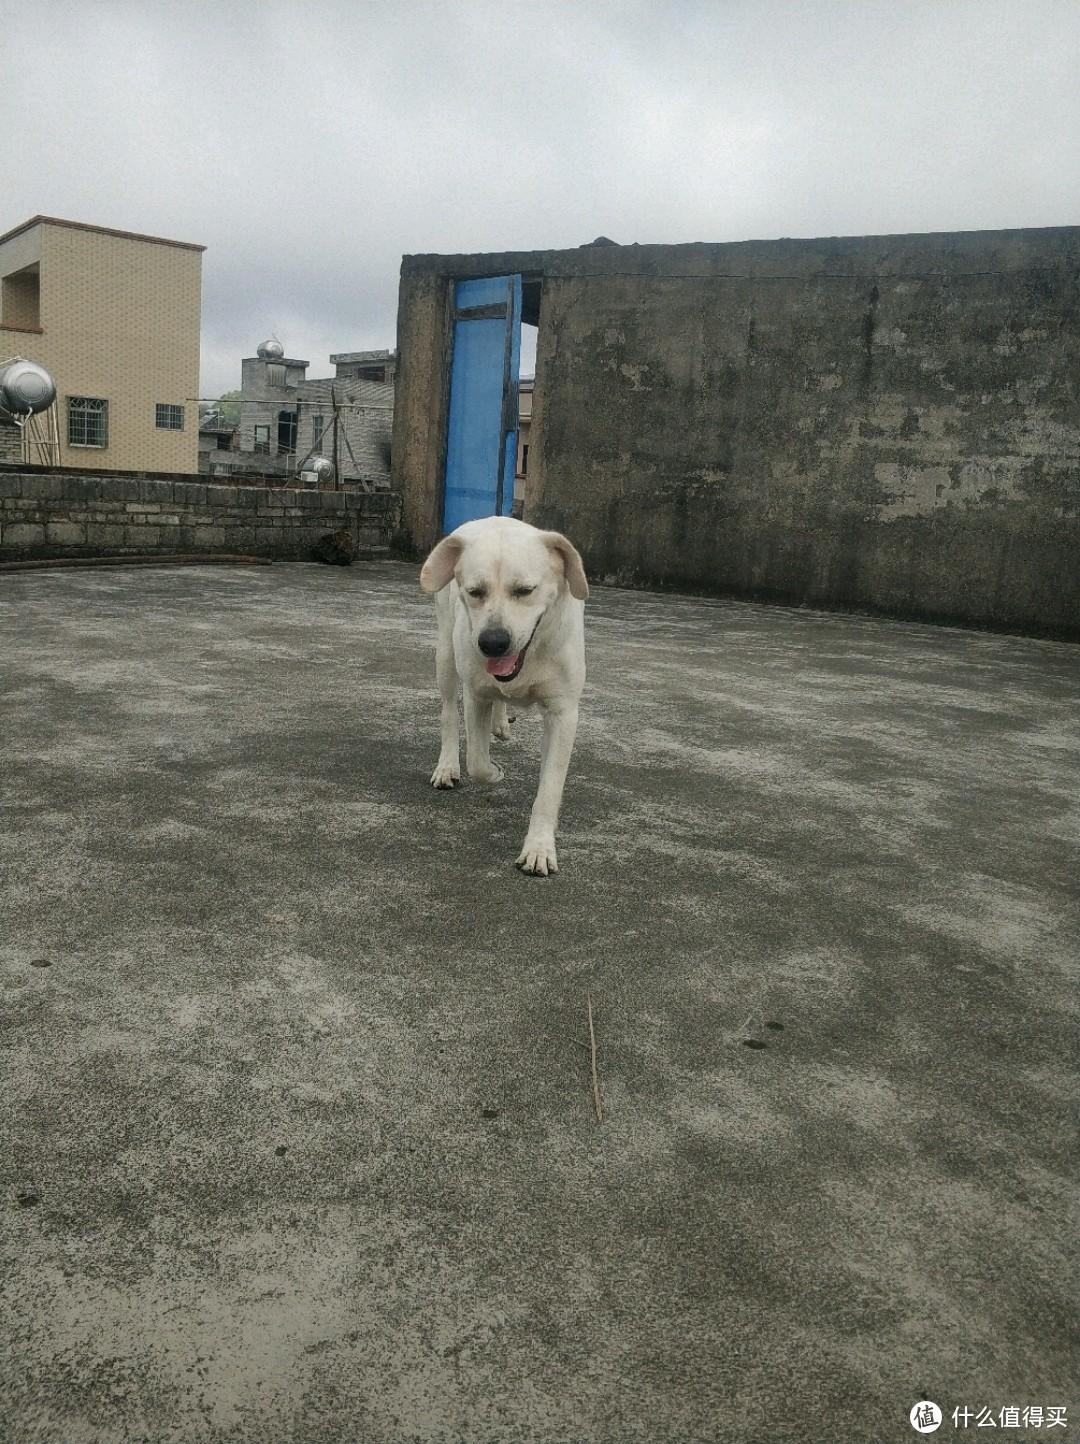 八十斤的大狗,在农村喂番薯的,没东西喂,真难,想一棍子给它